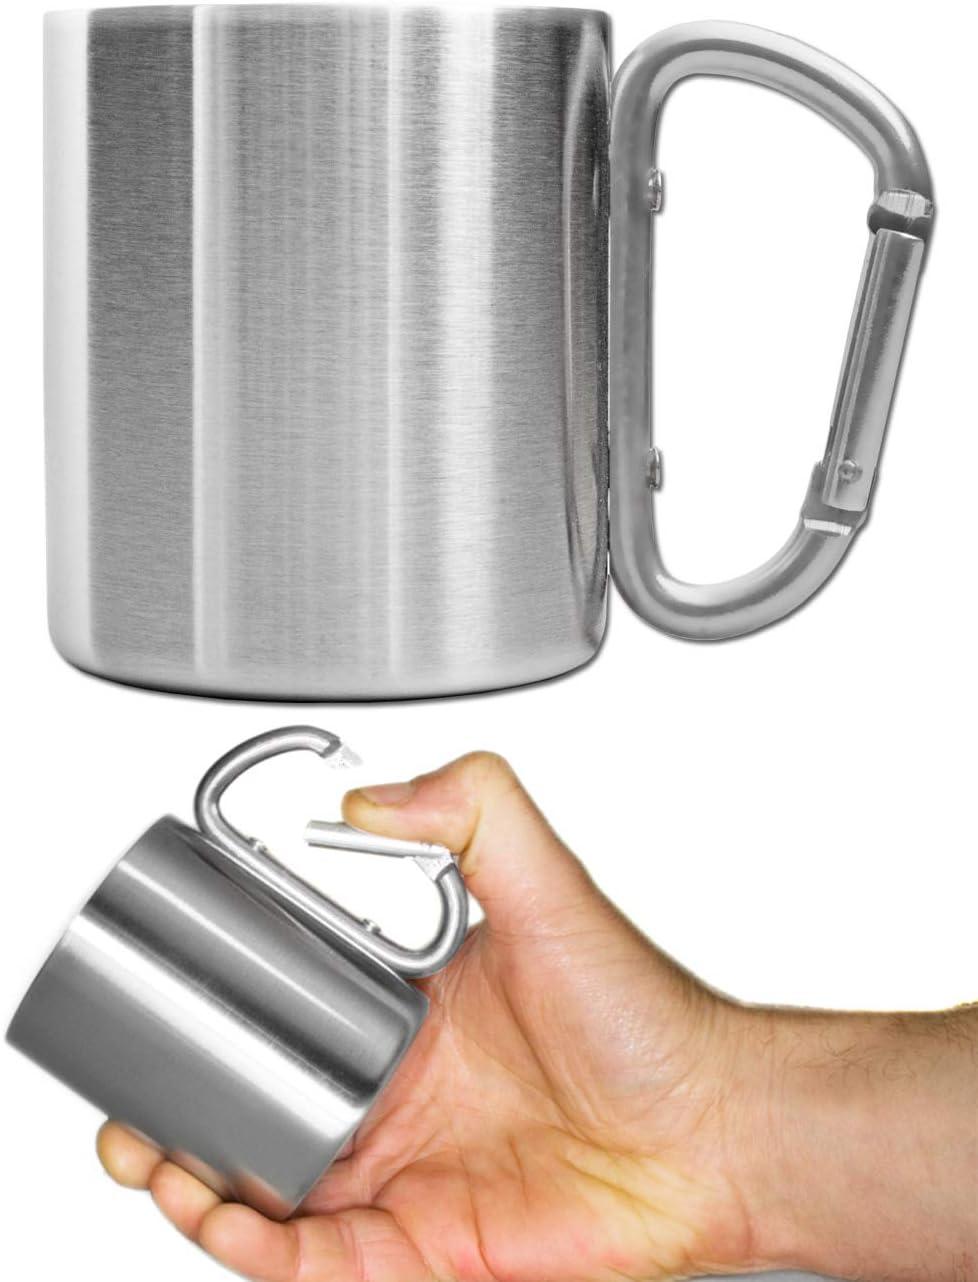 Outdoor Saxx® - Taza de camping, vaso de exterior, vaso de metal, con mango de mosquetón atornillado, acero inoxidable, senderismo, trekking, trabajo, 250 ml, color plateado